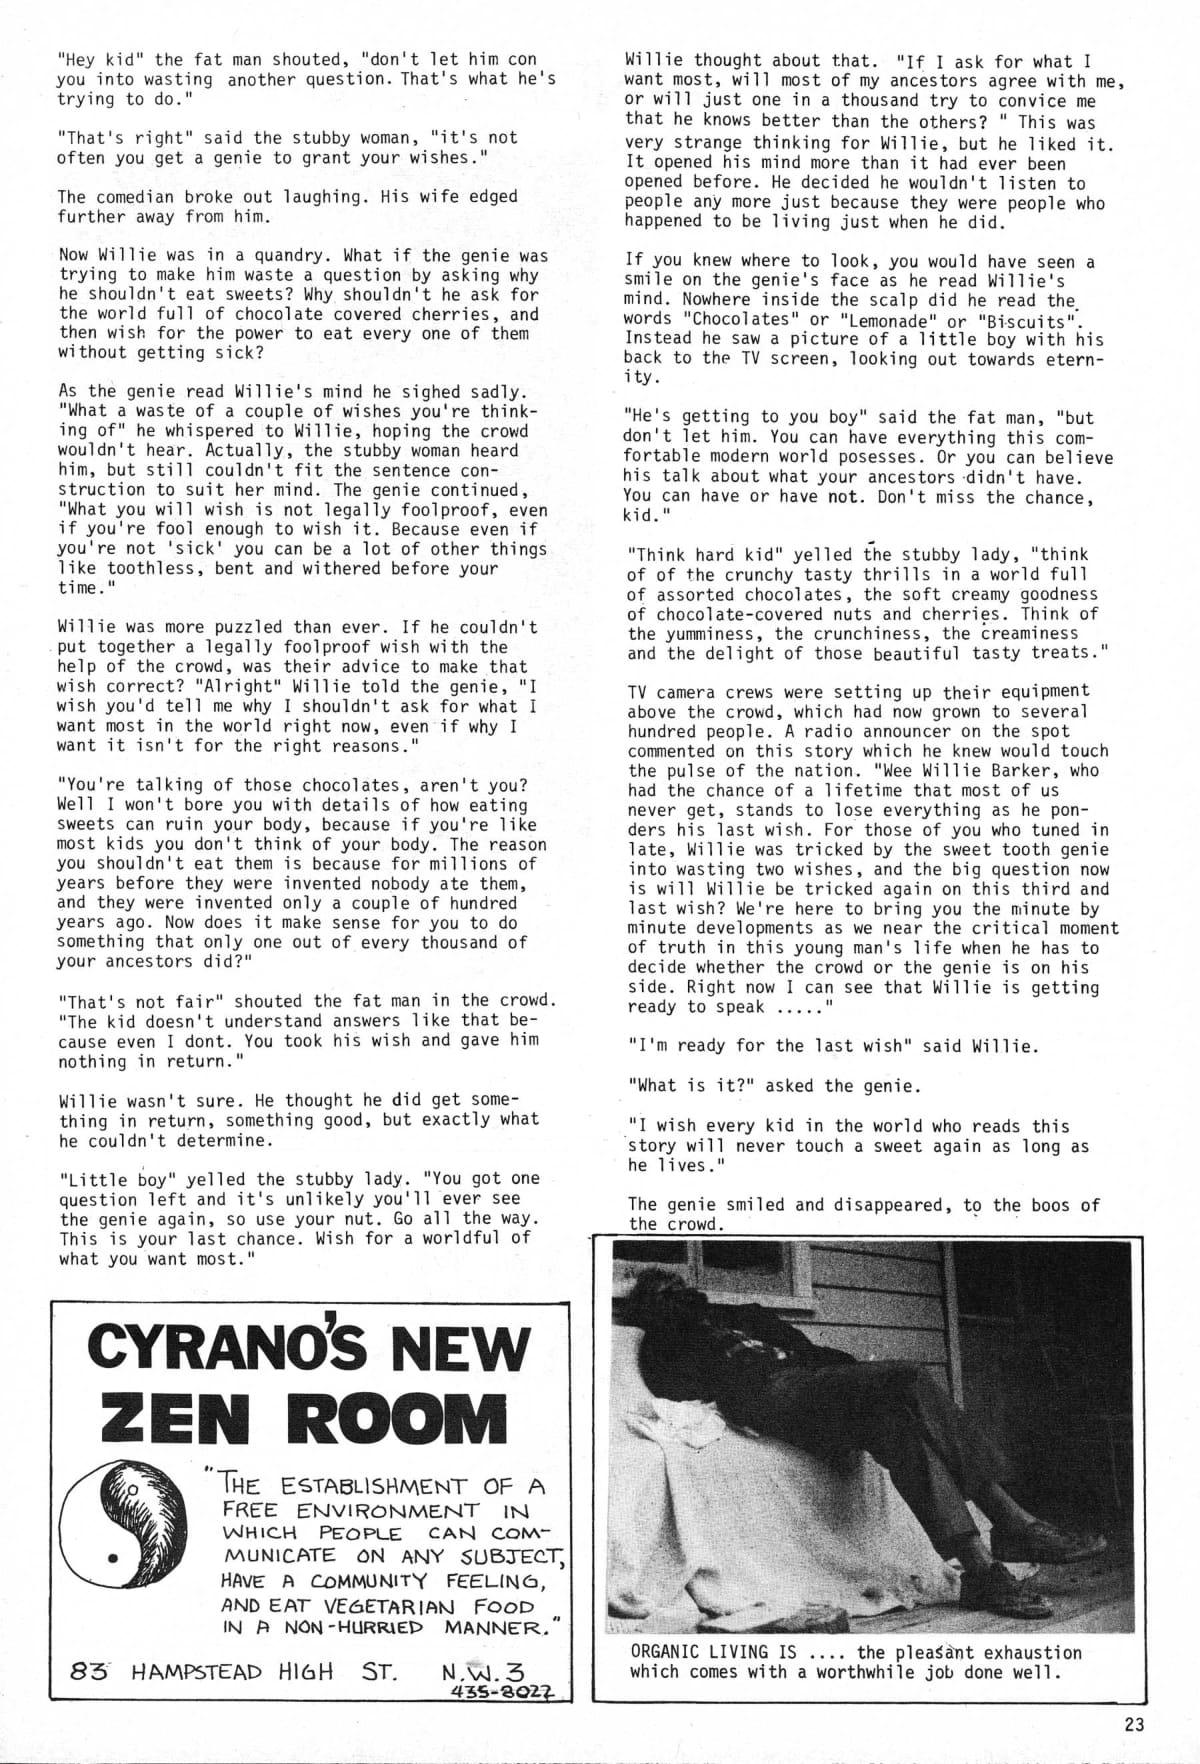 seed-v2-n7-july1973-23.jpg